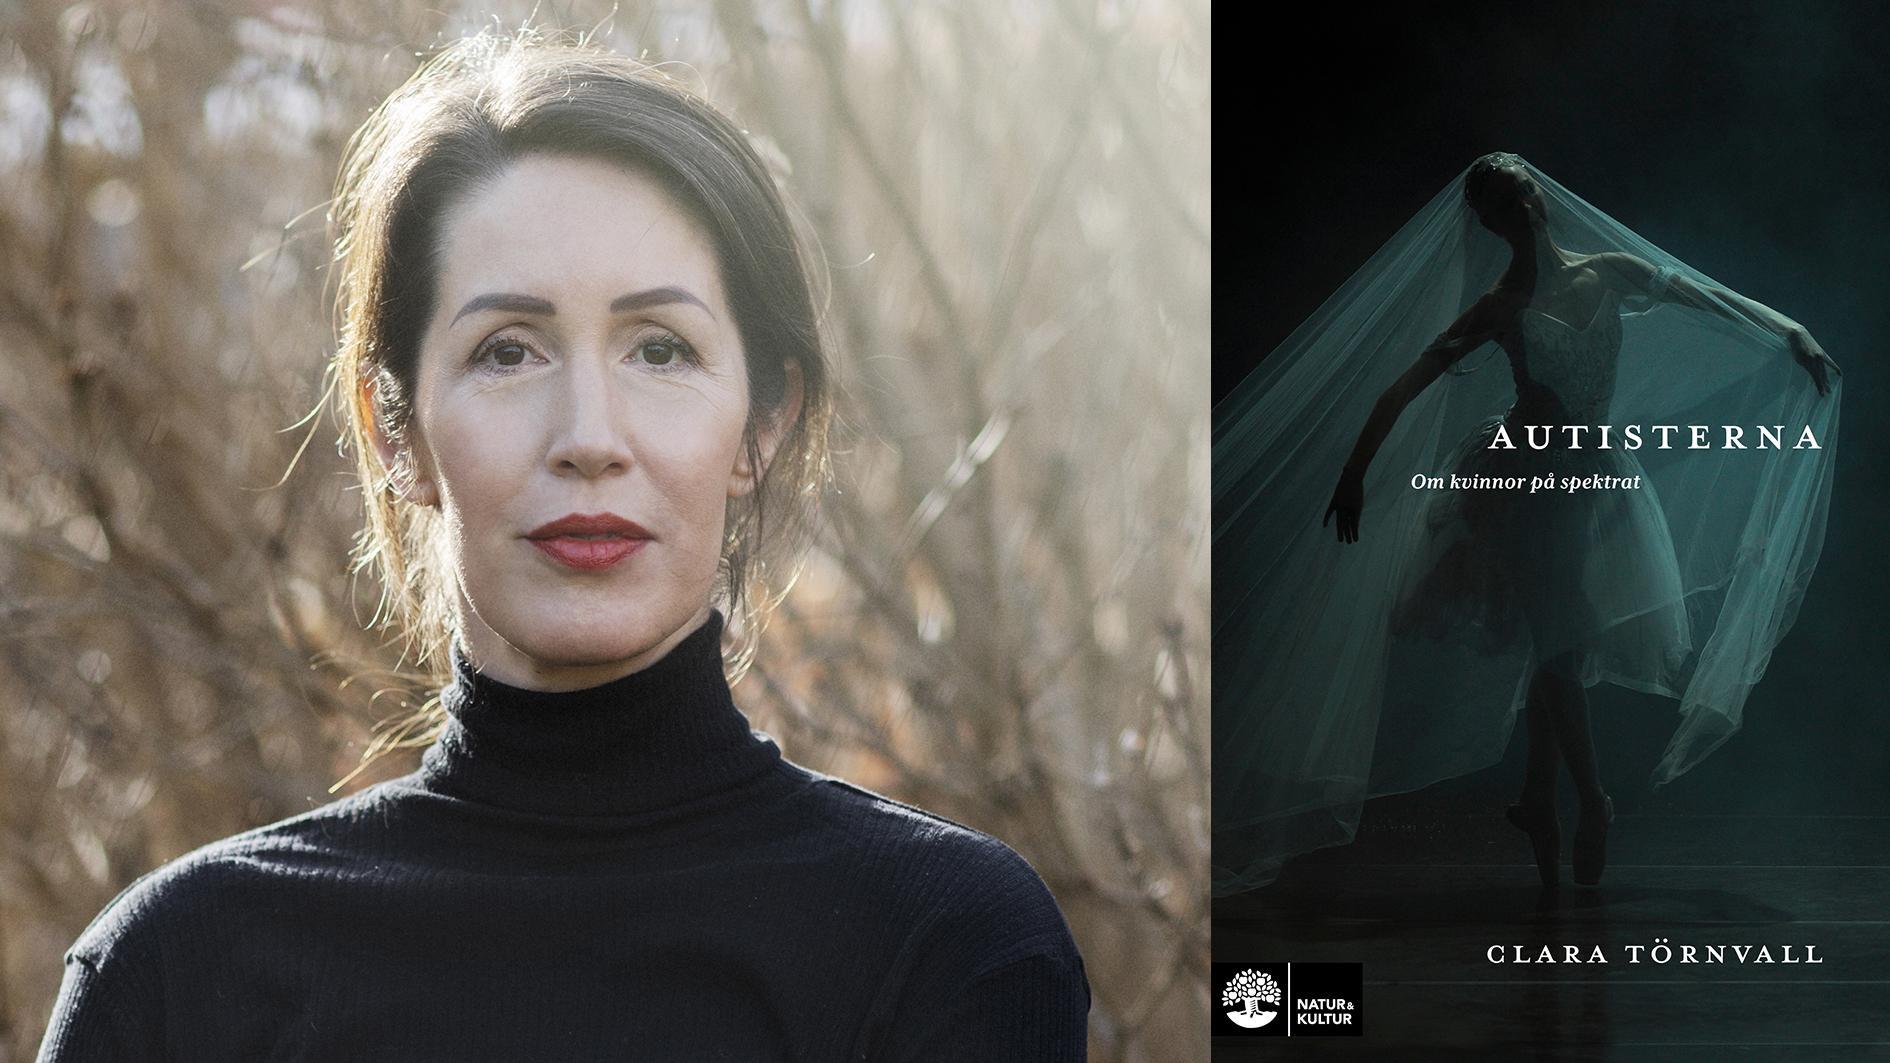 """Clara Törnvall är kulturjournalist och producent på Sveriges Radio och utkommer nu med boken """"Autisterna. Om kvinnor på spektrat"""". """"Den stora styrkan i hennes bok ligger i den fina mixen mellan olika sorters text"""" skriver Amelie Björck."""